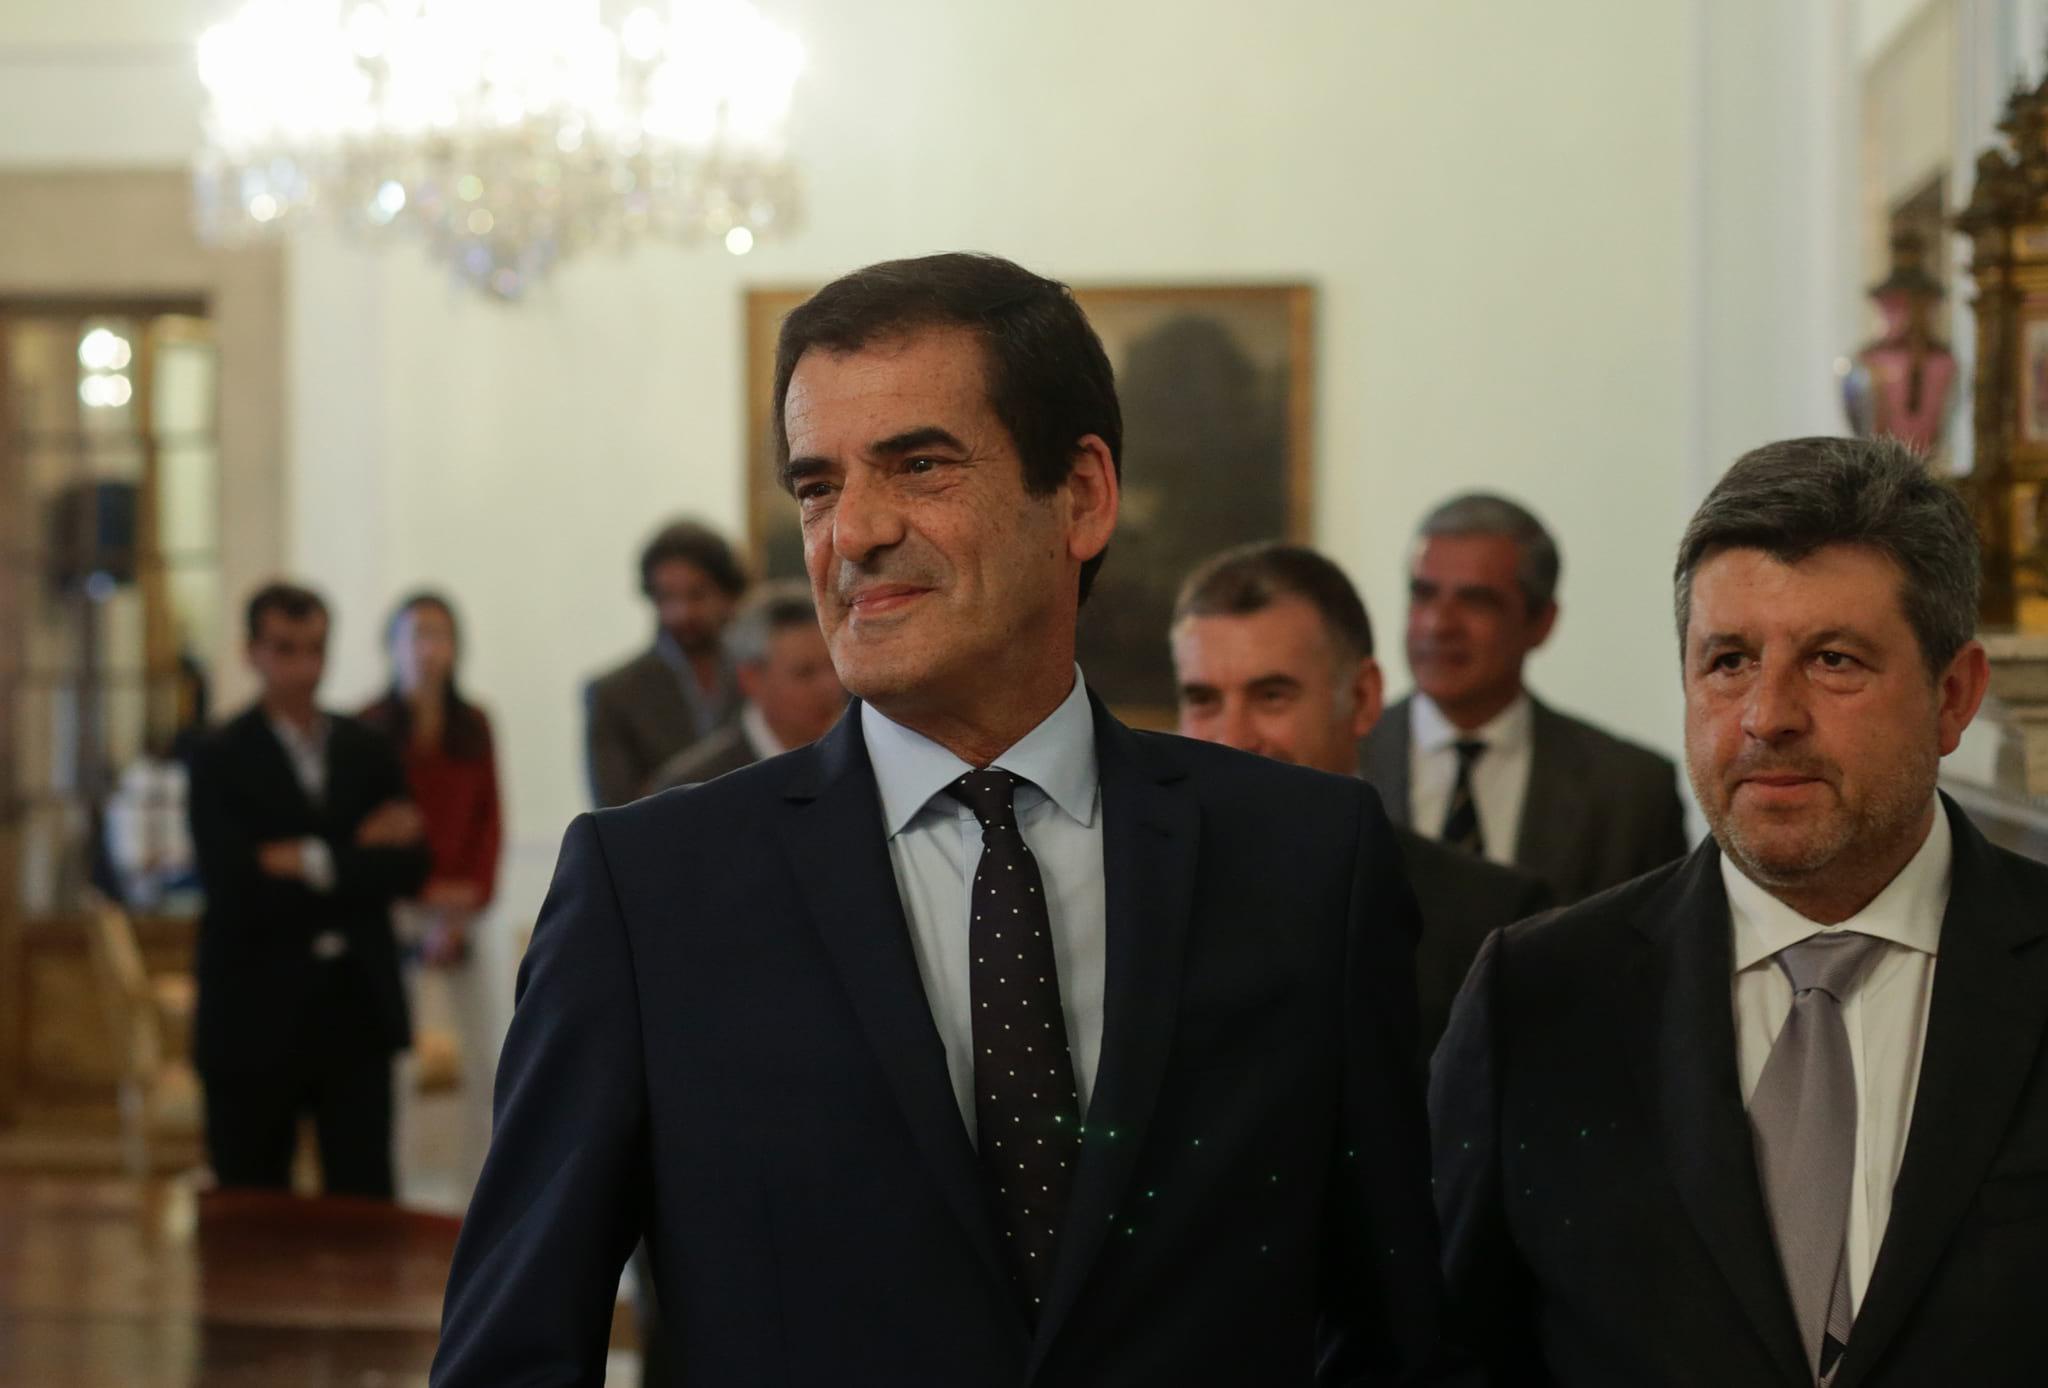 PÚBLICO - Luís Miranda